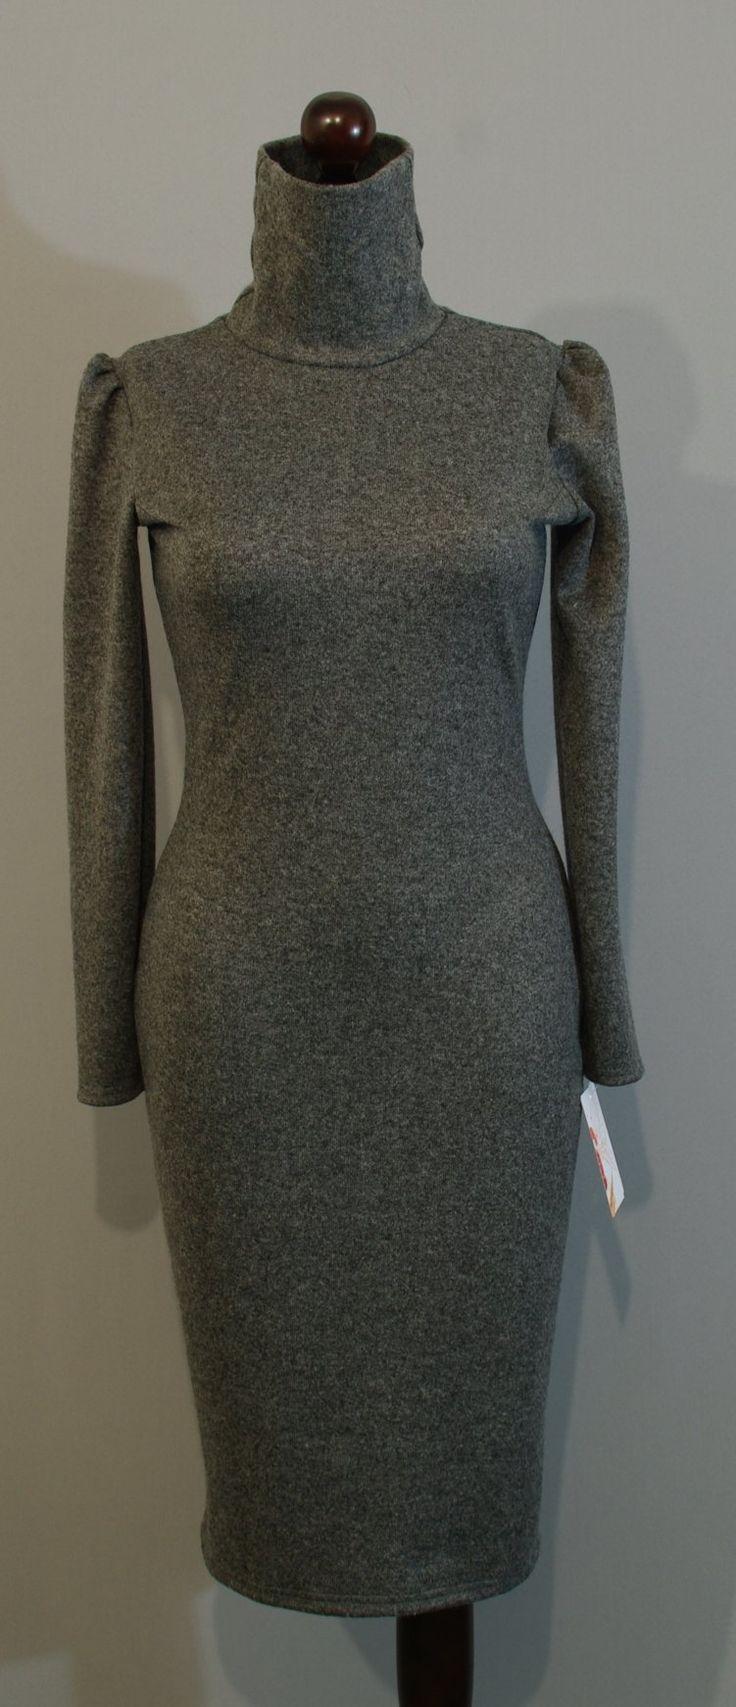 Зимнее серое платье с высоким воротом купить на сайте Платье-терапия (108)